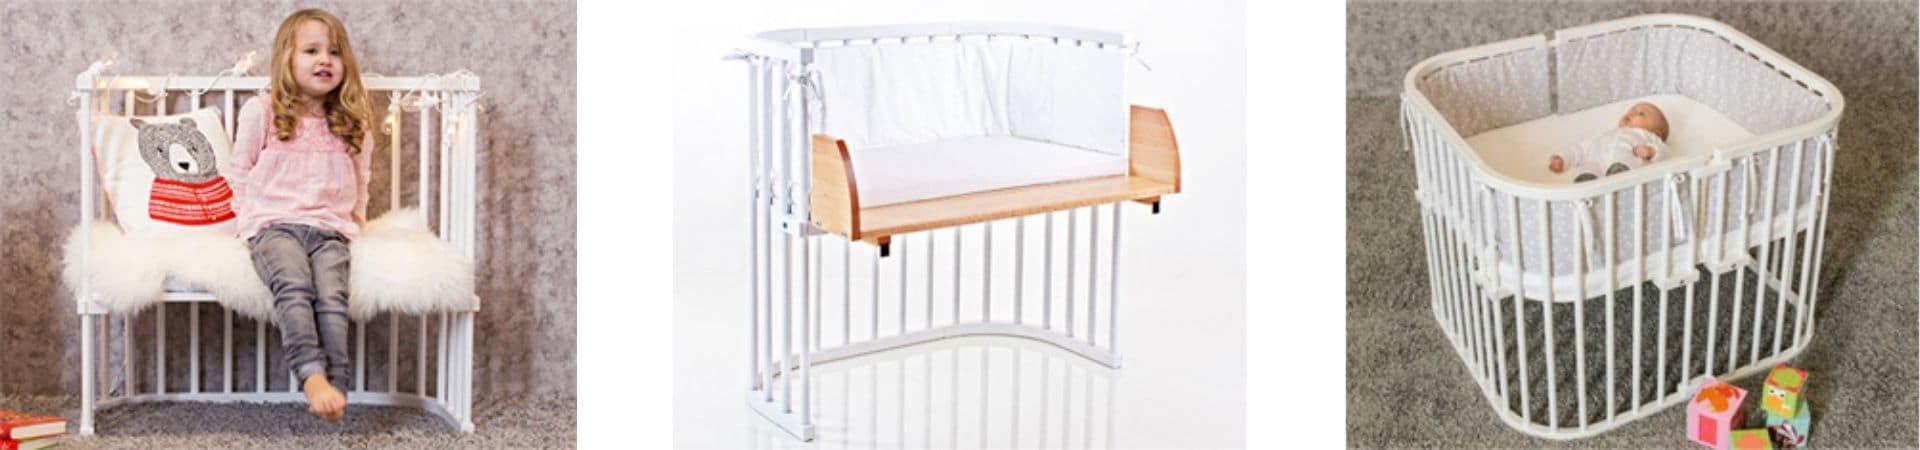 Transformations possibles du lit cododo babybay 2